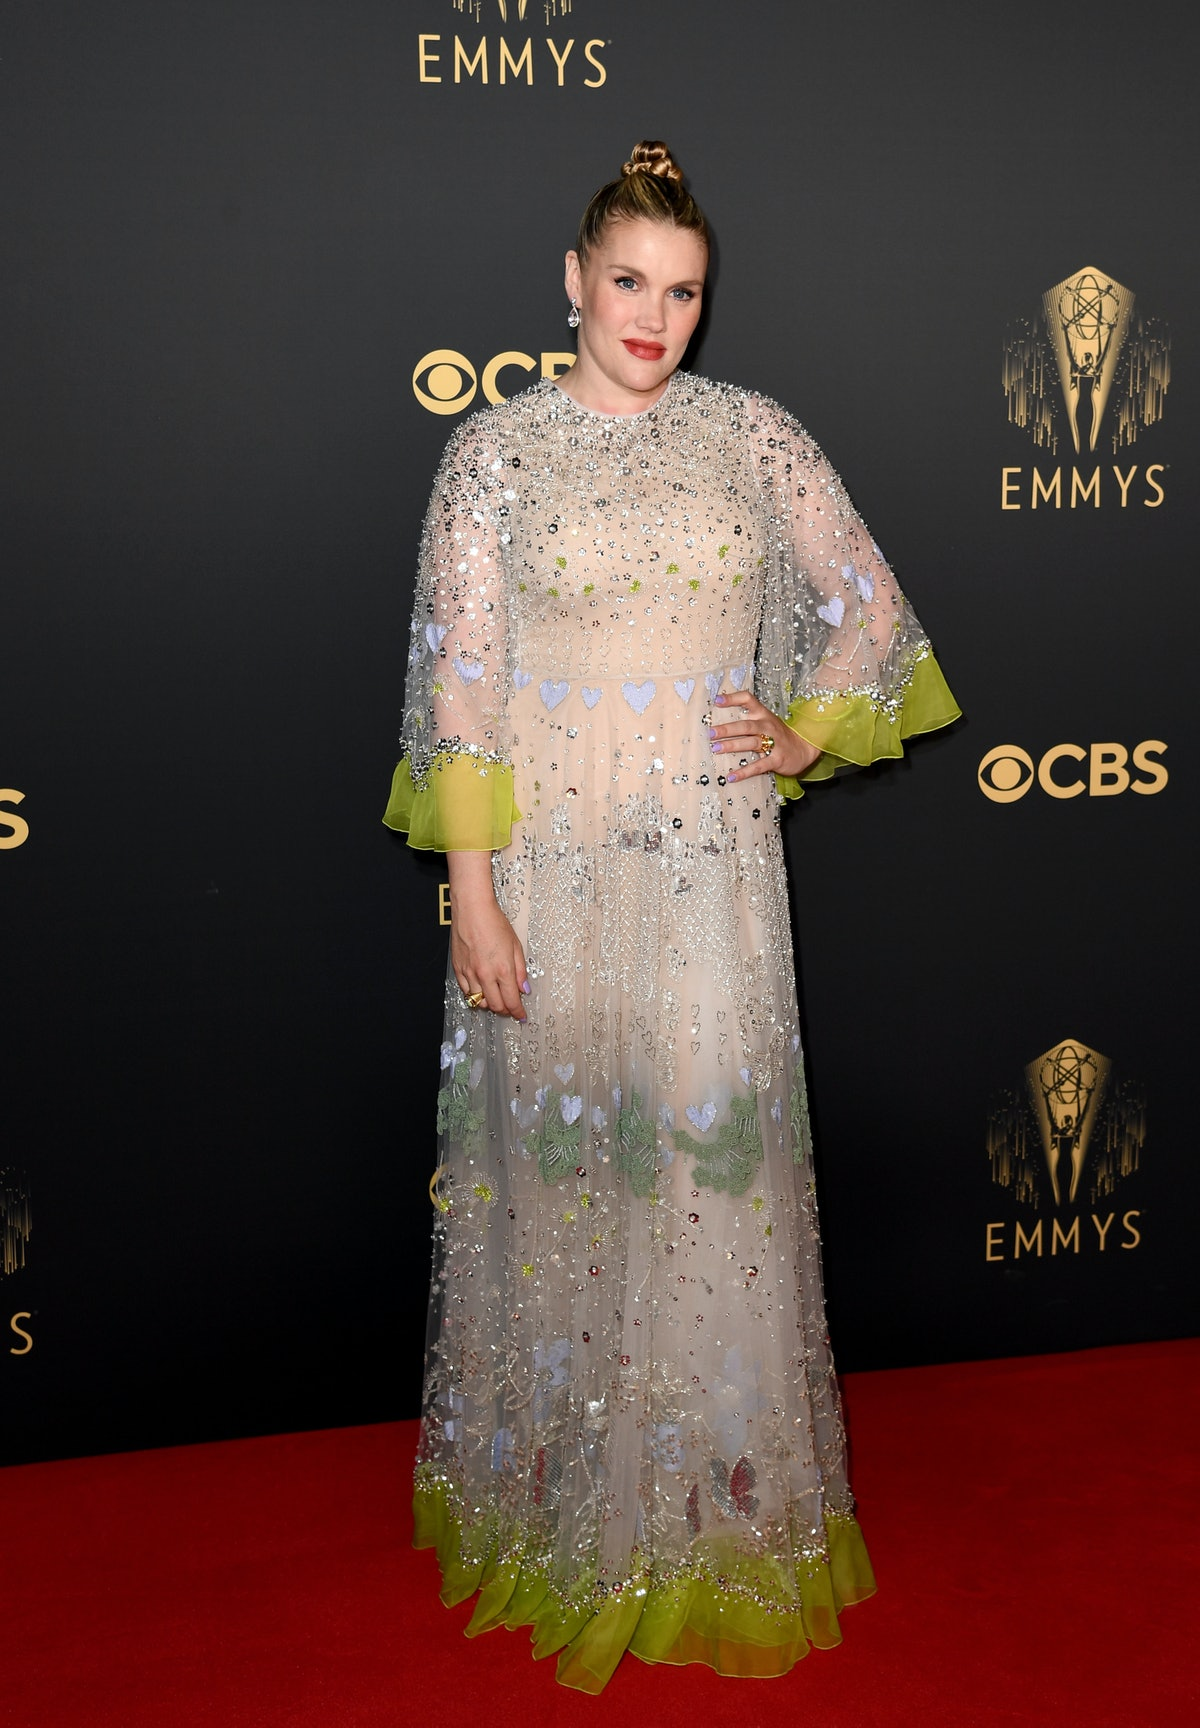 """لندن ، انگلستان - 19 سپتامبر: زمرد فنل در آن شرکت می کند """"تاج"""" هفتاد و سومین مراسم Emmy Celebra ..."""